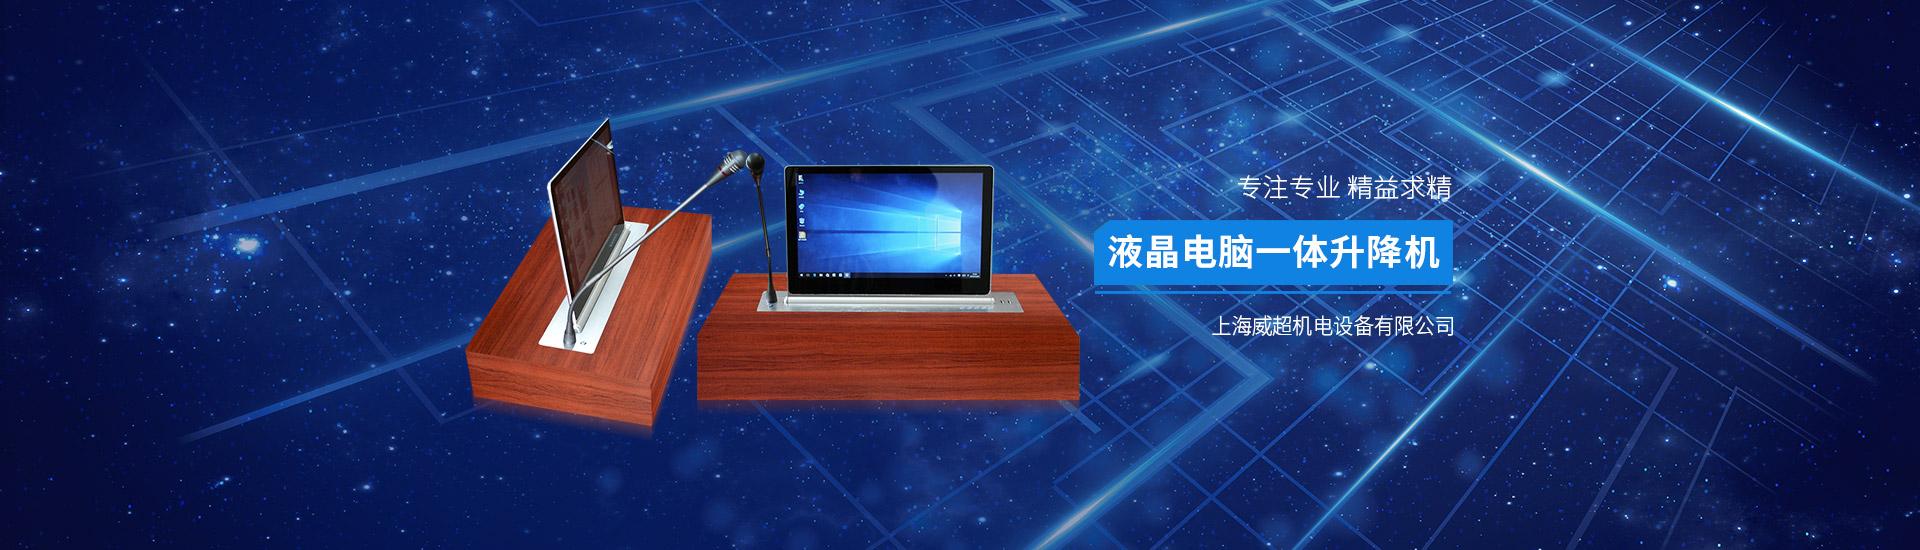 上海威超机电设备有限公司